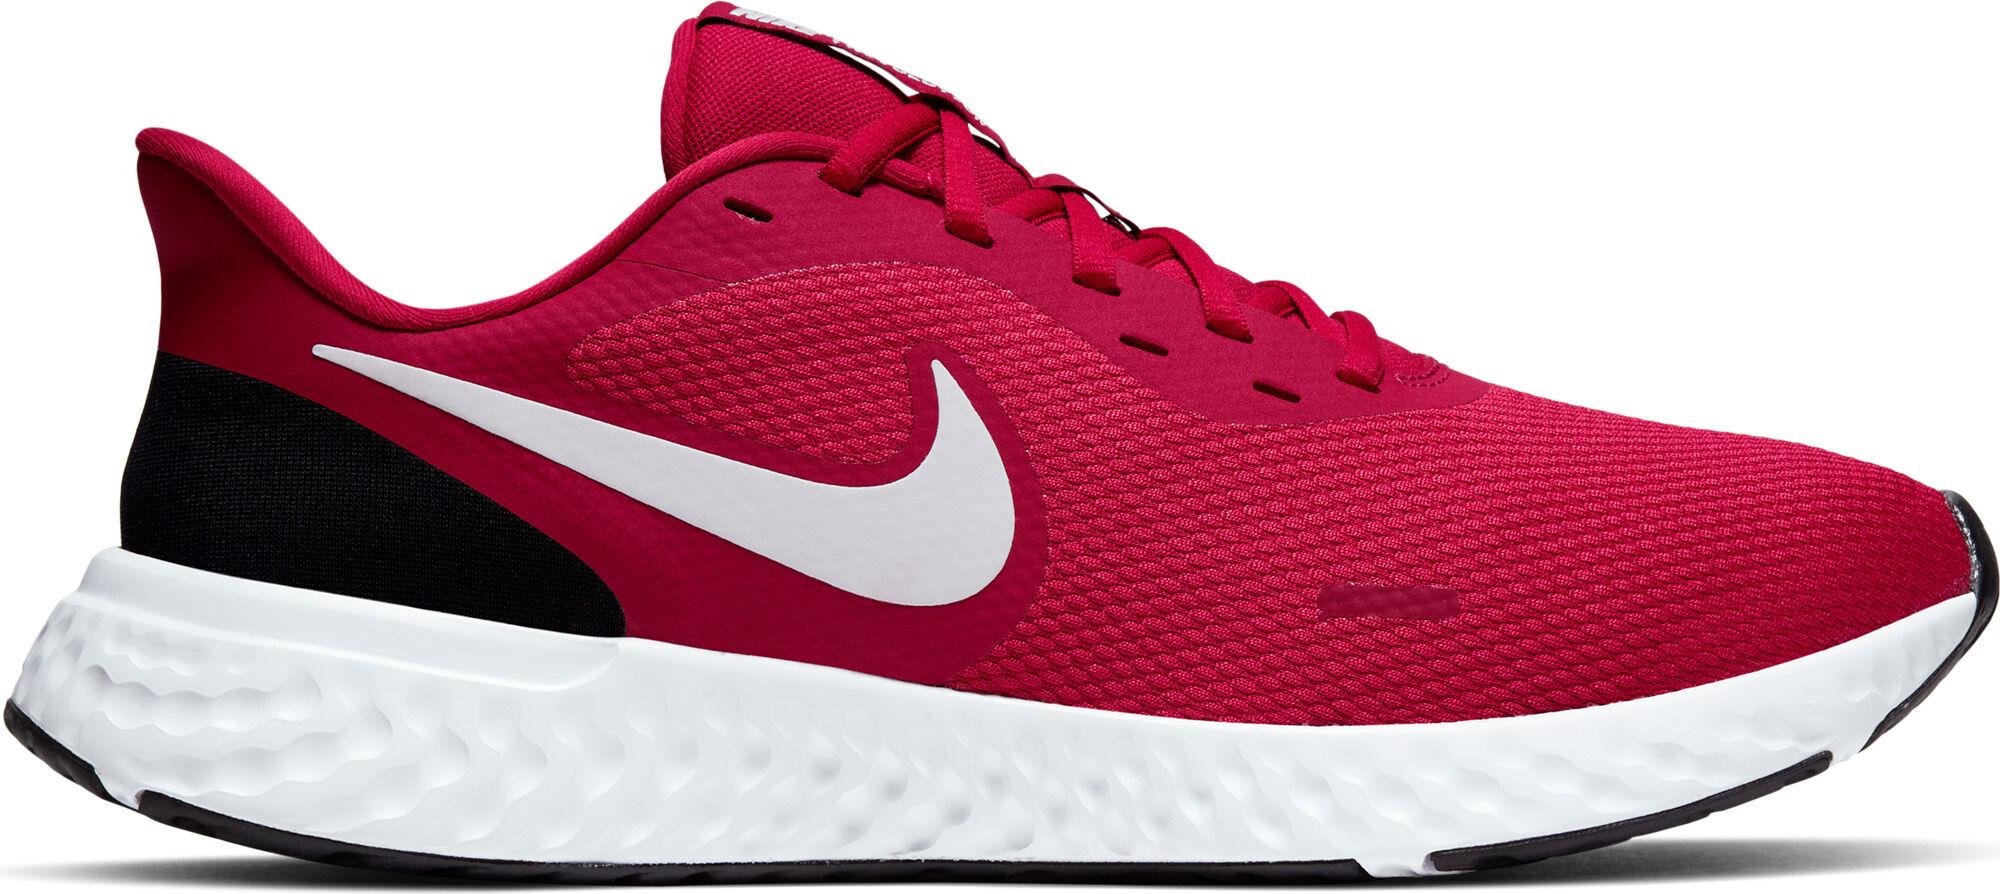 Nike - Zapatilla REVOLUTION 5 - Hombre - Zapatillas Running - Rojo - 7dot5